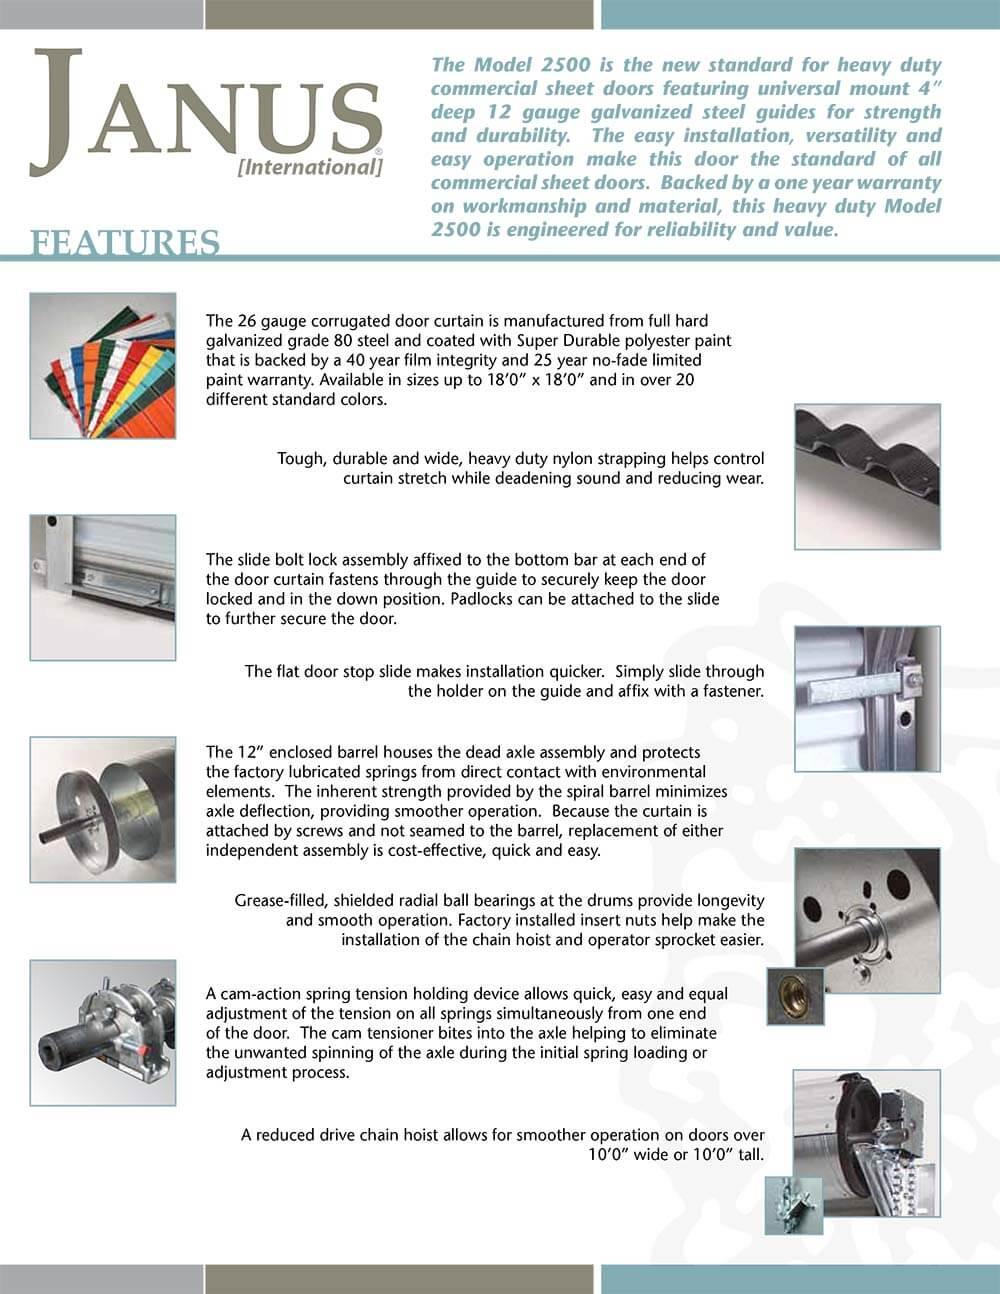 Janus Model 2500 2500i Heavy Duty Commercial Sheet Door